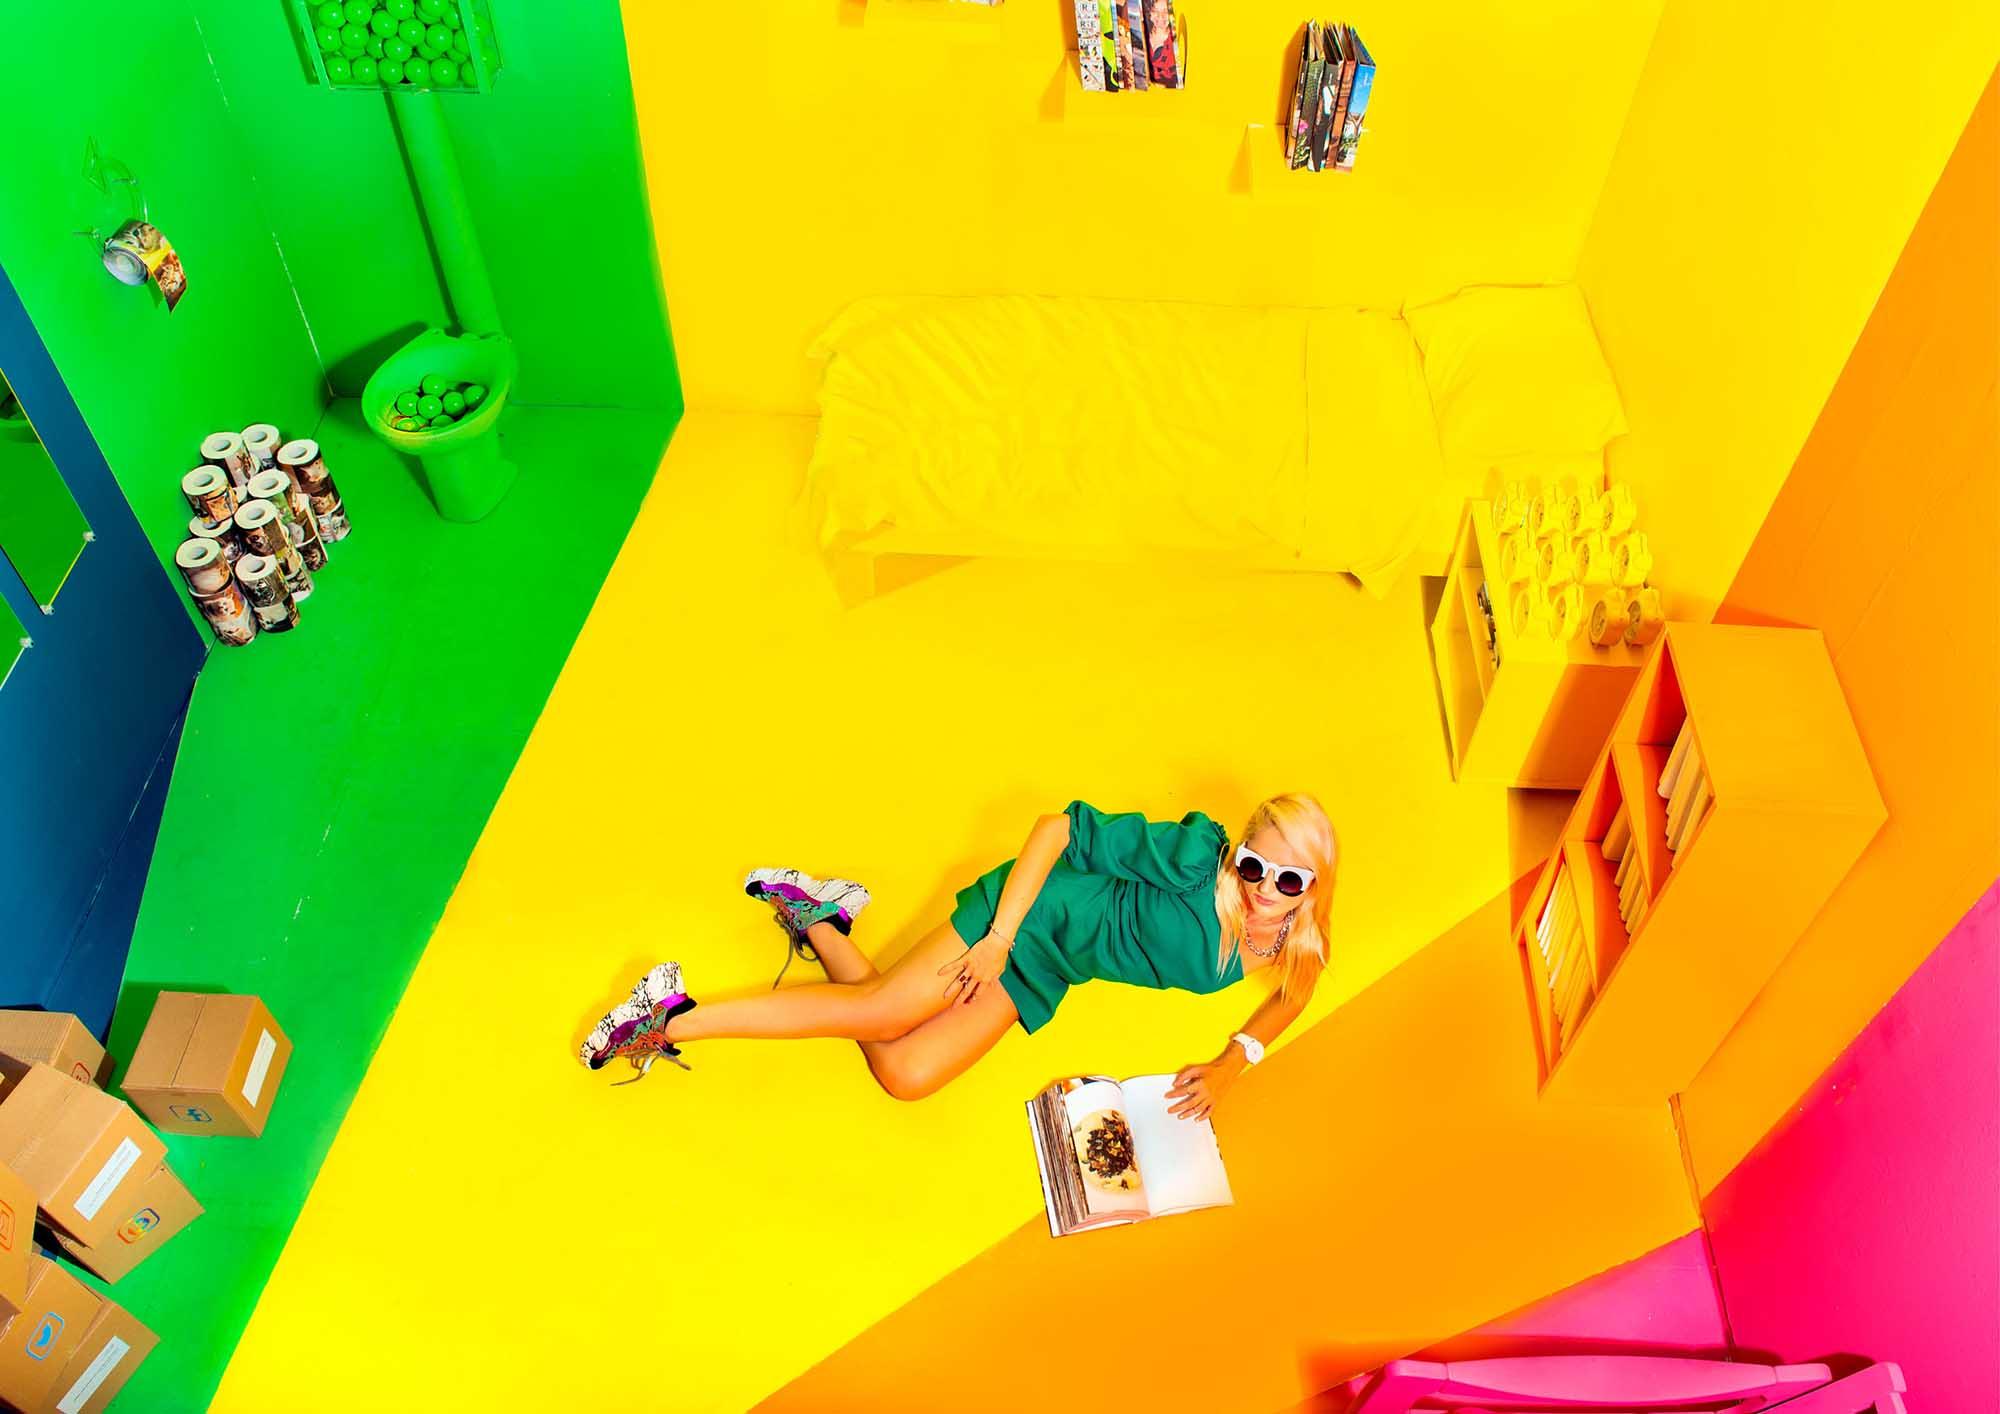 צלם דניס גרצקיס, סטיילינג דניאל צרויה, איפור נינה בלקניה, דוגמנית עינת רוכמן,שמלה: זארה, נעליים: אוסף פרטי, משקפיים: קרולינה למקה, שרשרת: אוסף פרטי